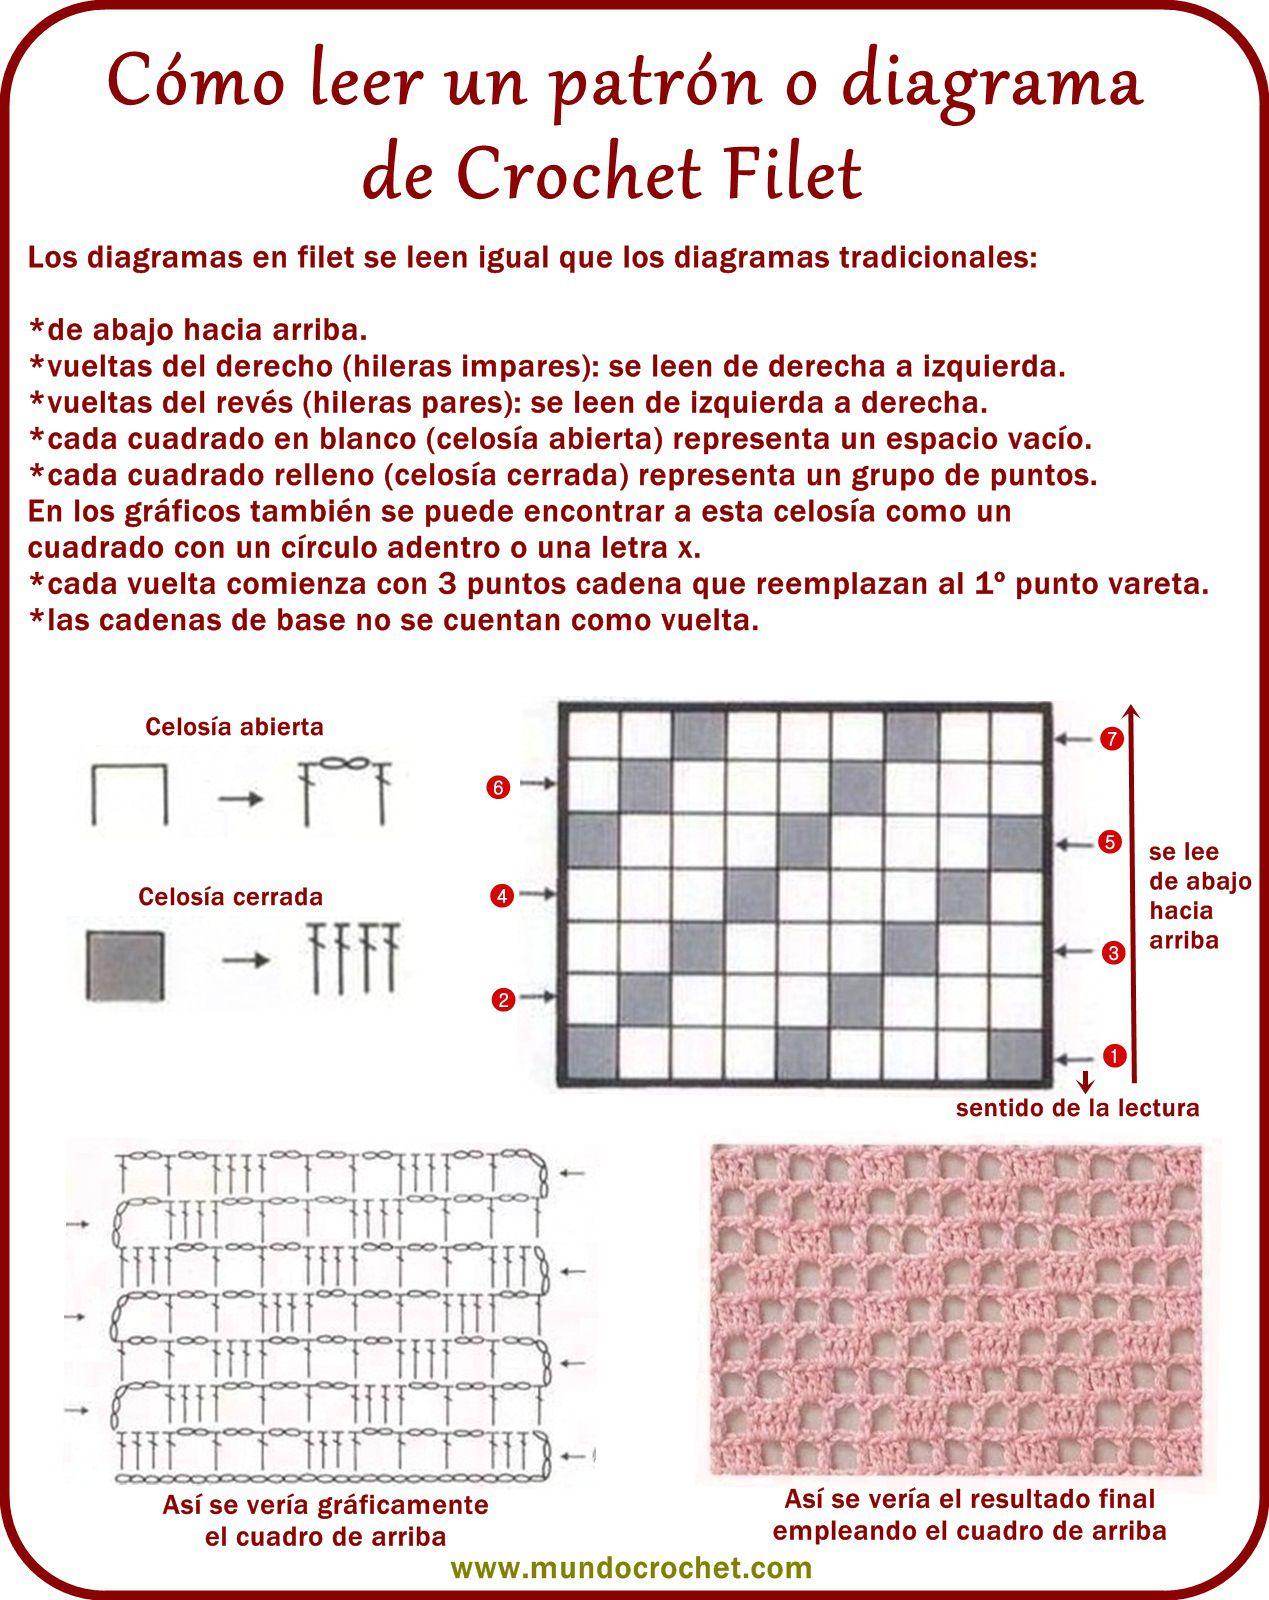 Crochet filet | CROCHET: Filet | Pinterest | Buscar con google ...